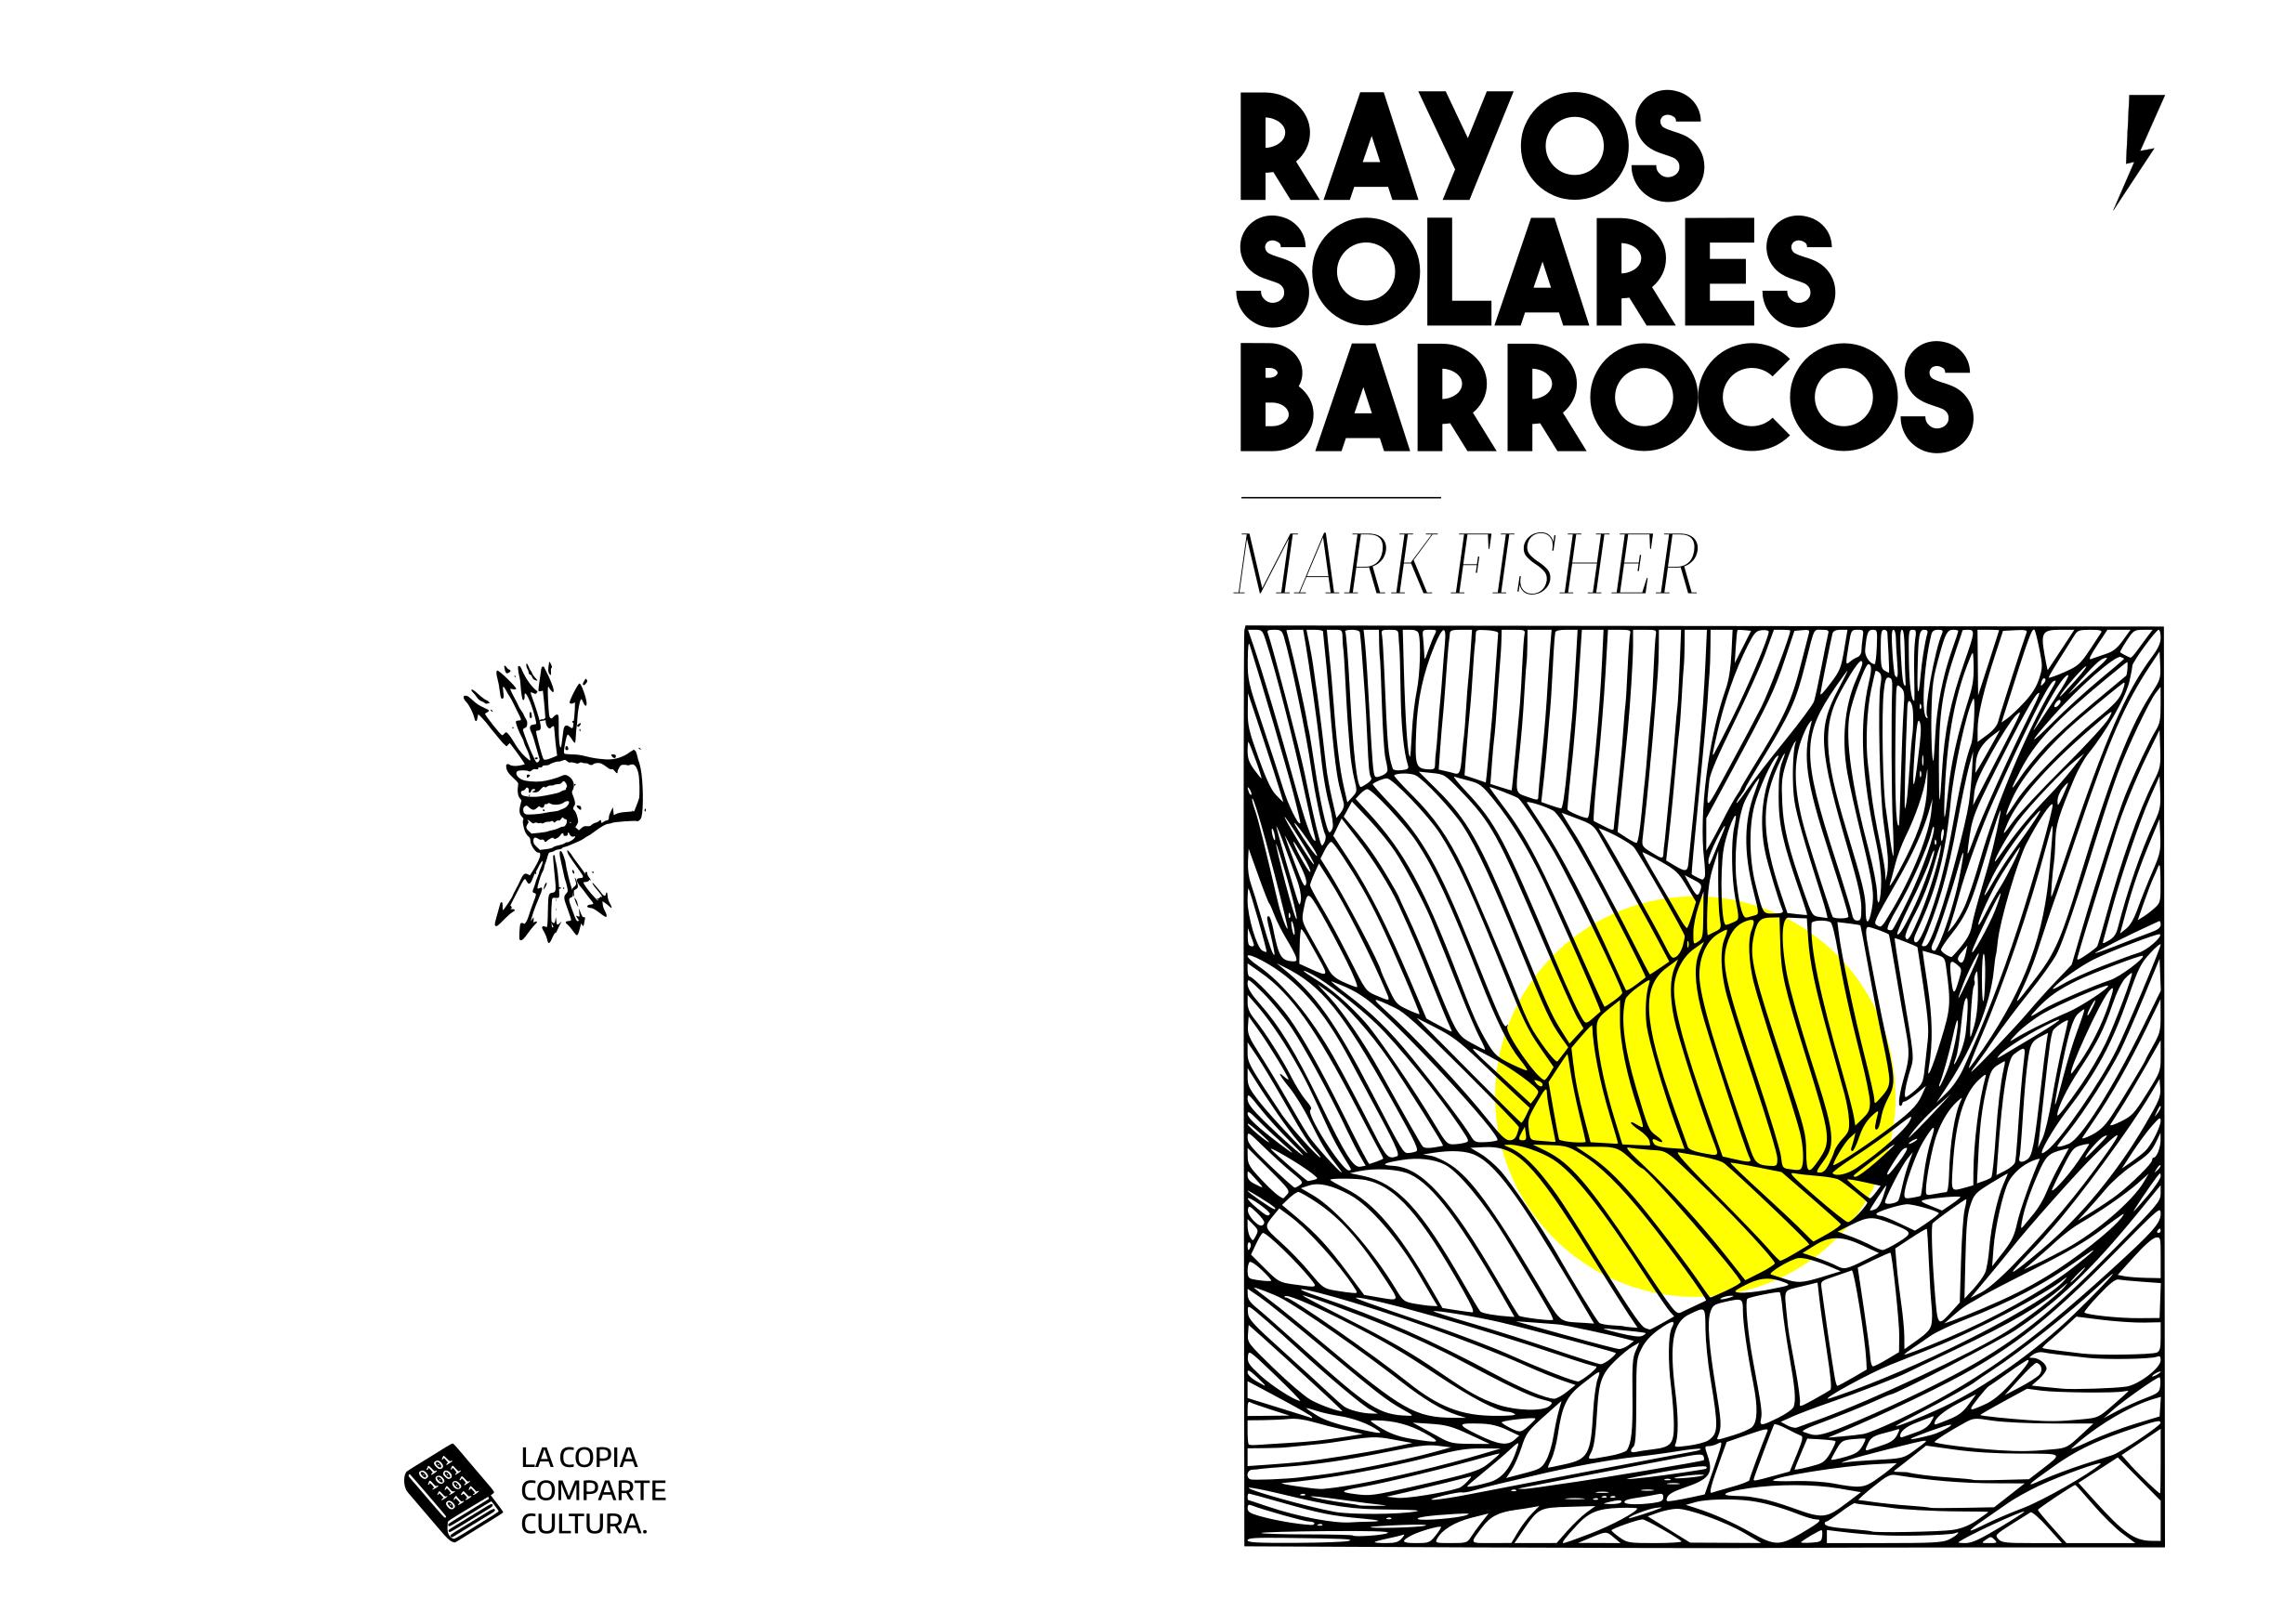 rayos-solares-barrocos